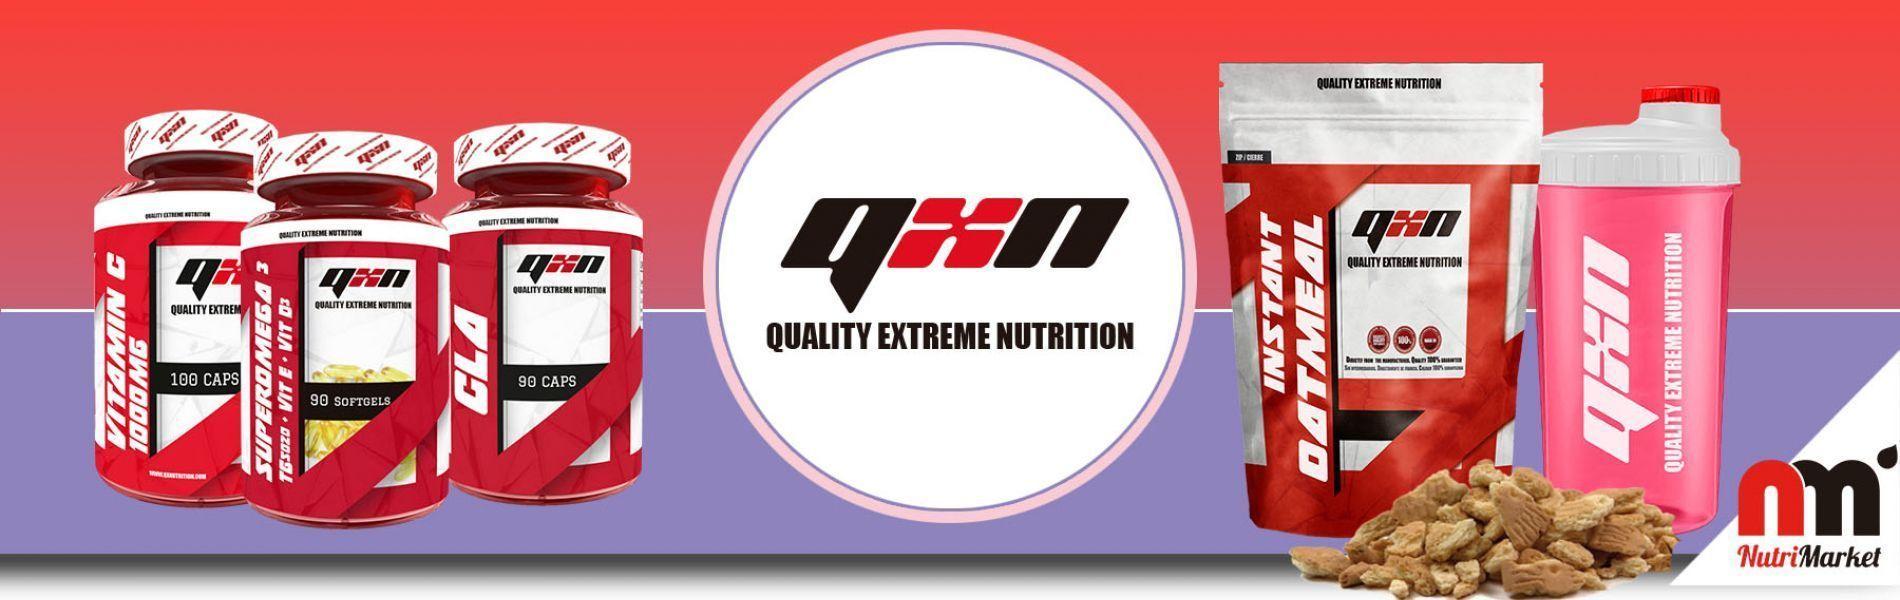 Productos Nutrimarket